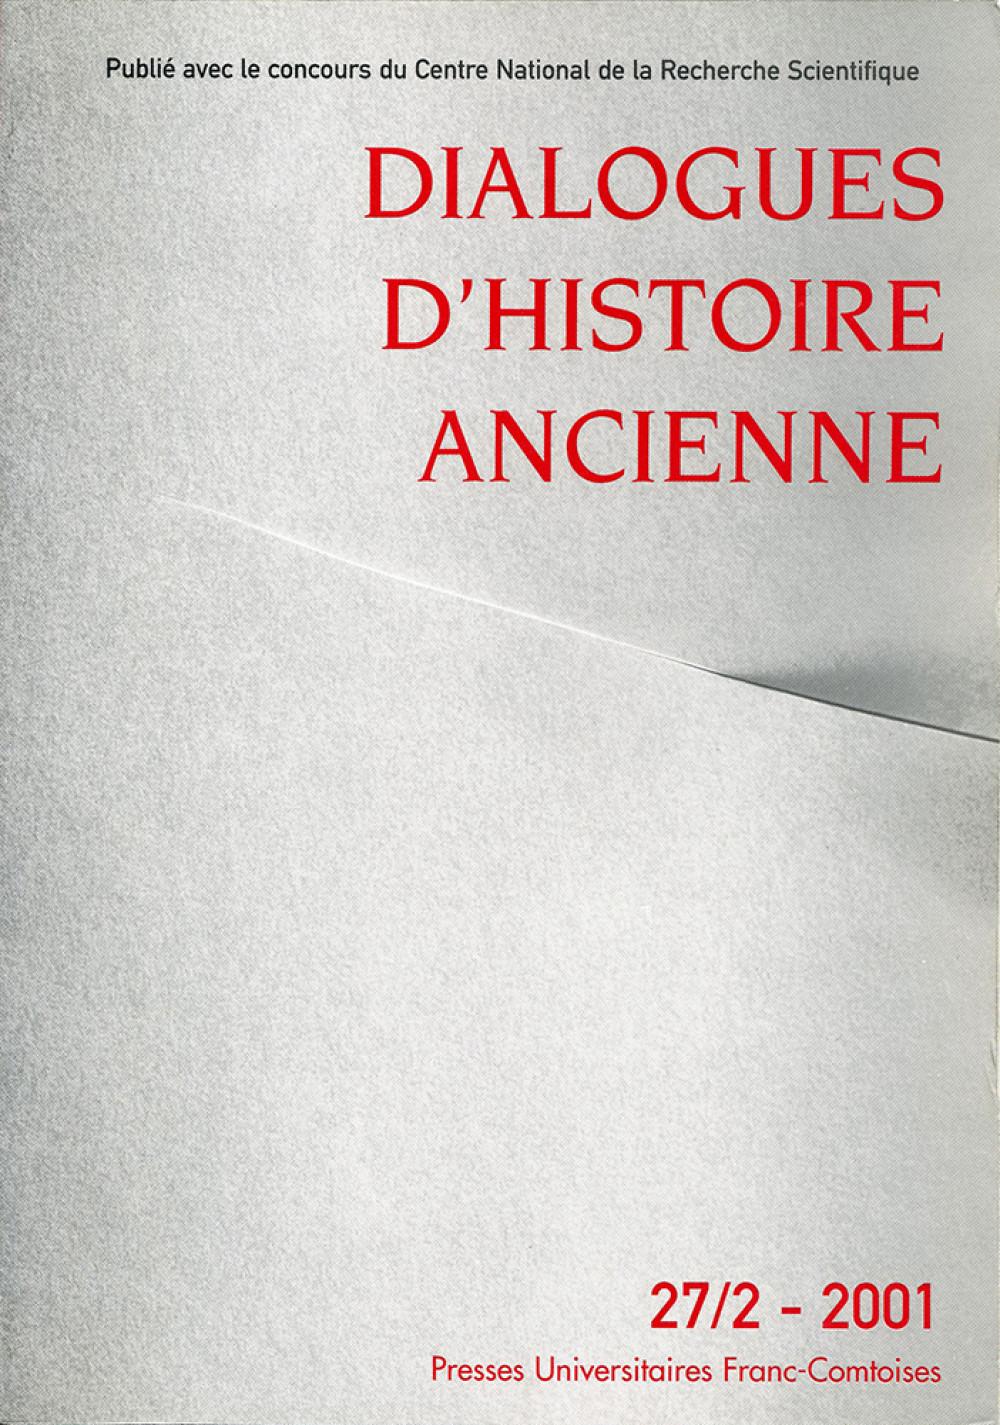 Dialogues d'Histoire Ancienne 27/2